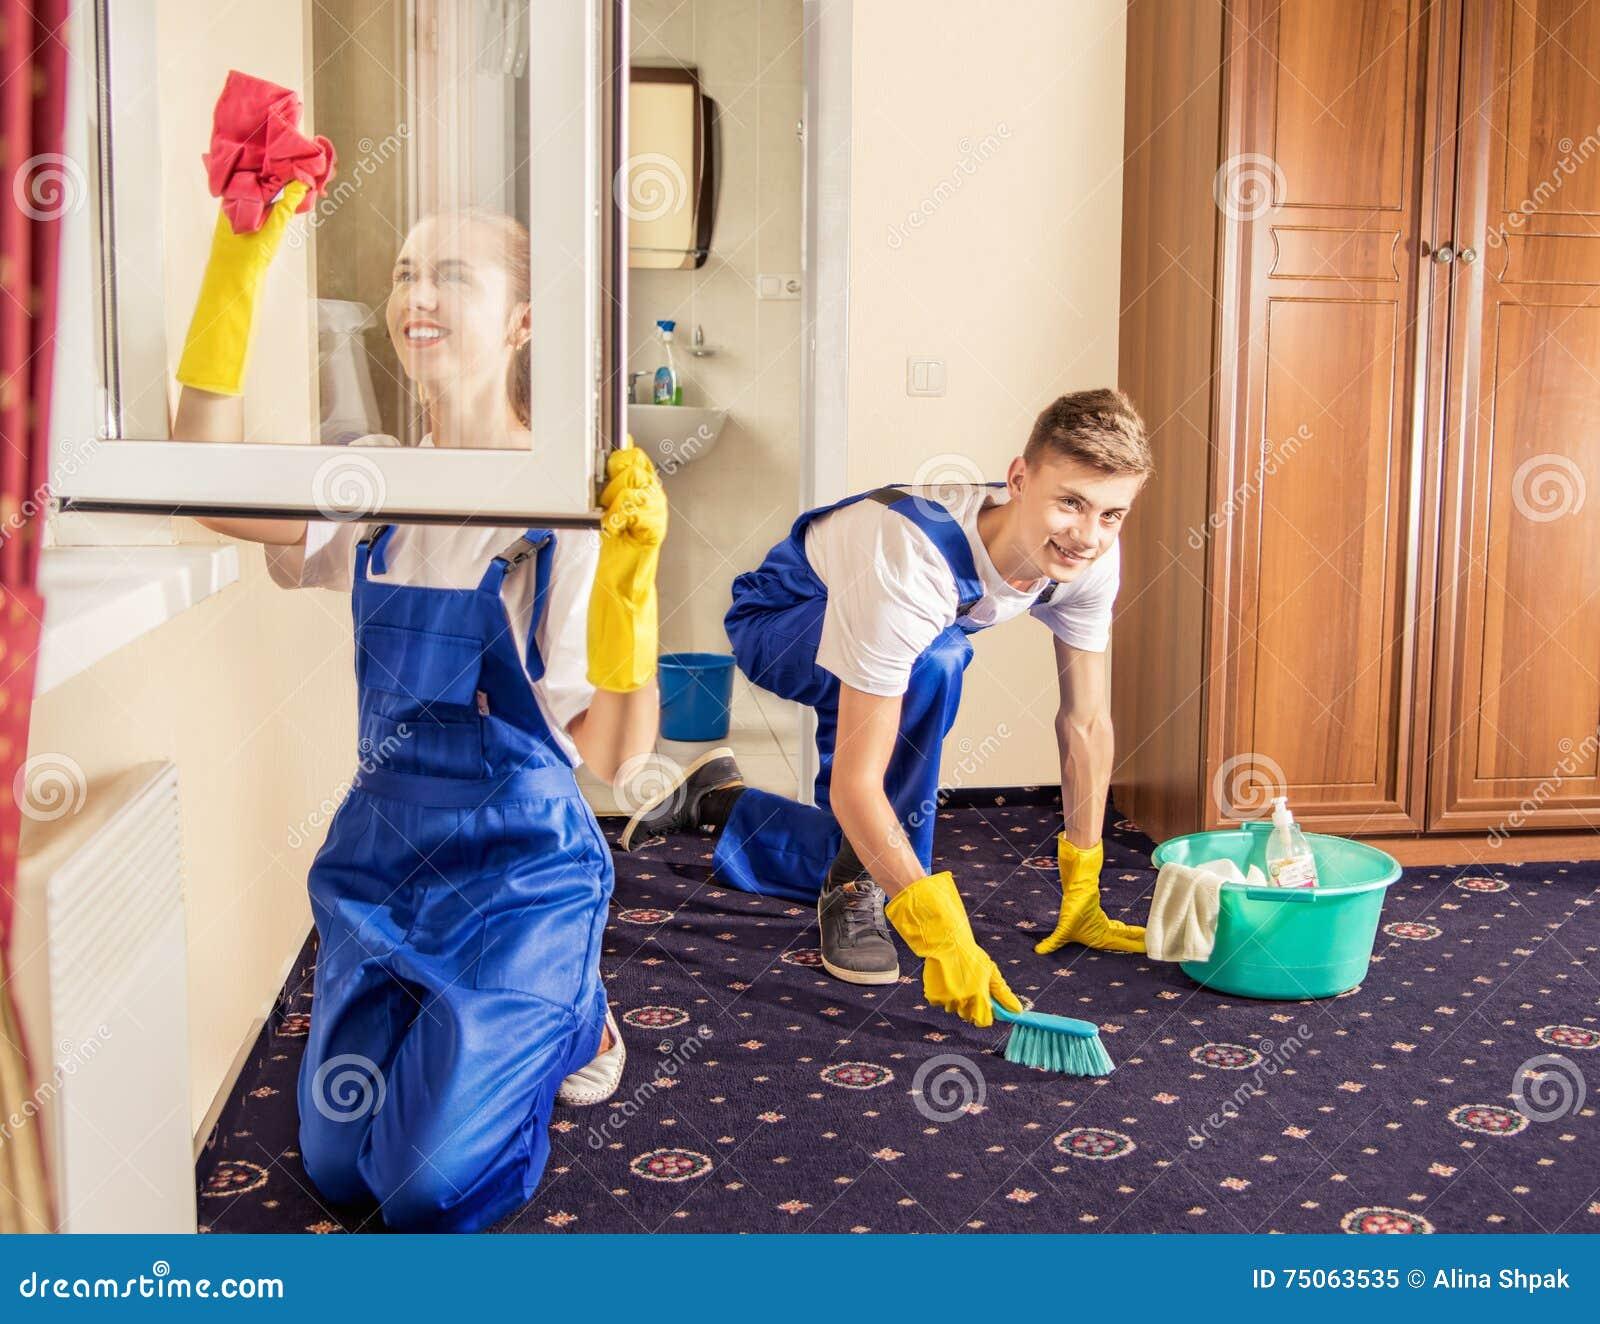 Het professionele schoonmaken servise tapijt en vensters in ruimte